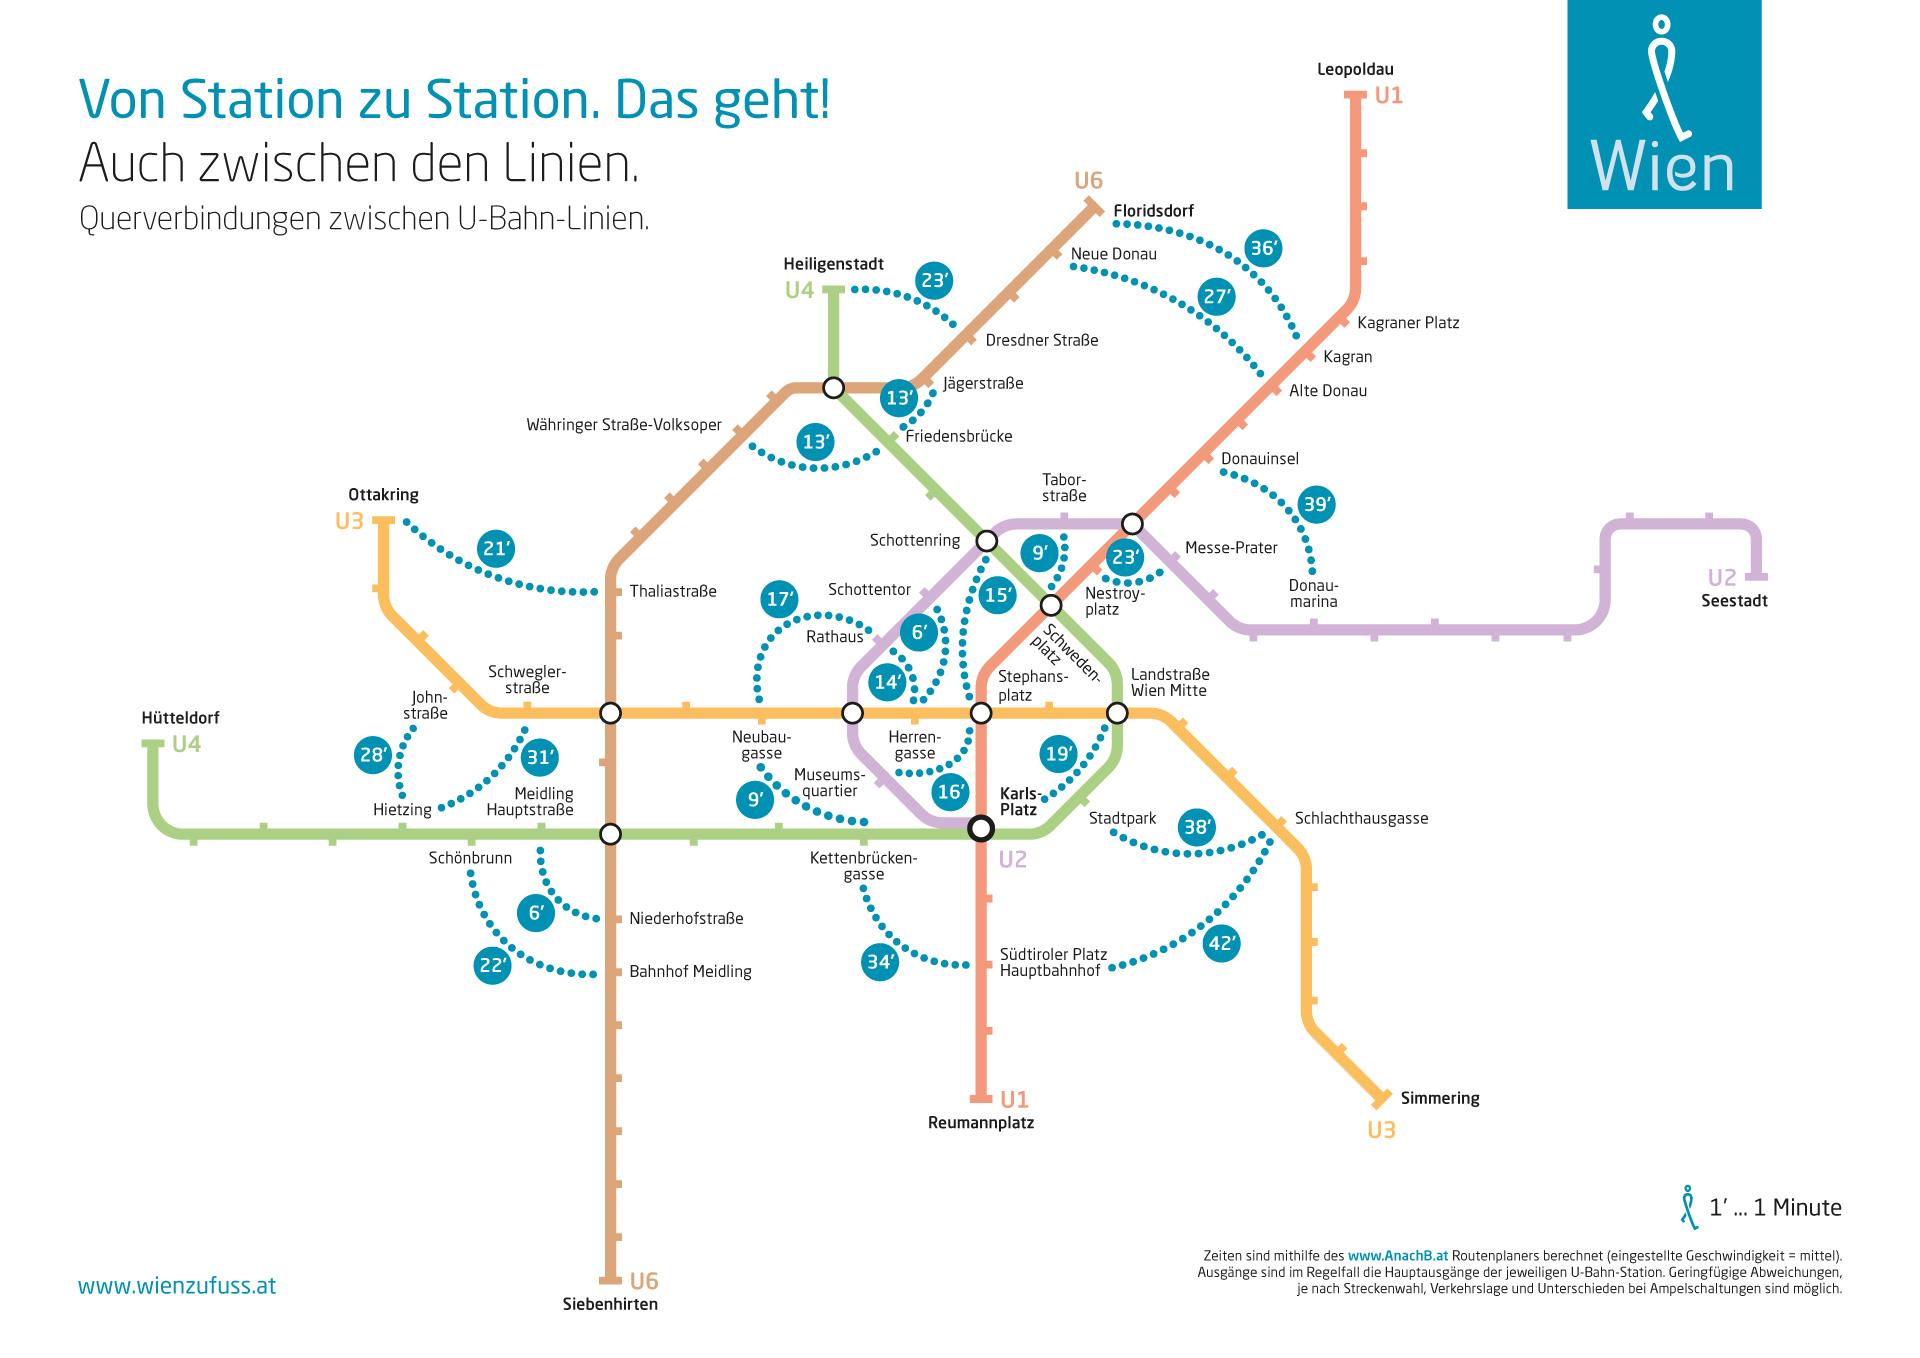 Netzblan der Wiener U-Bahn mit eingezeichneten Gehminuten auf Querverbuindungen zwischen den Linien. Grafik: Johannes Essl